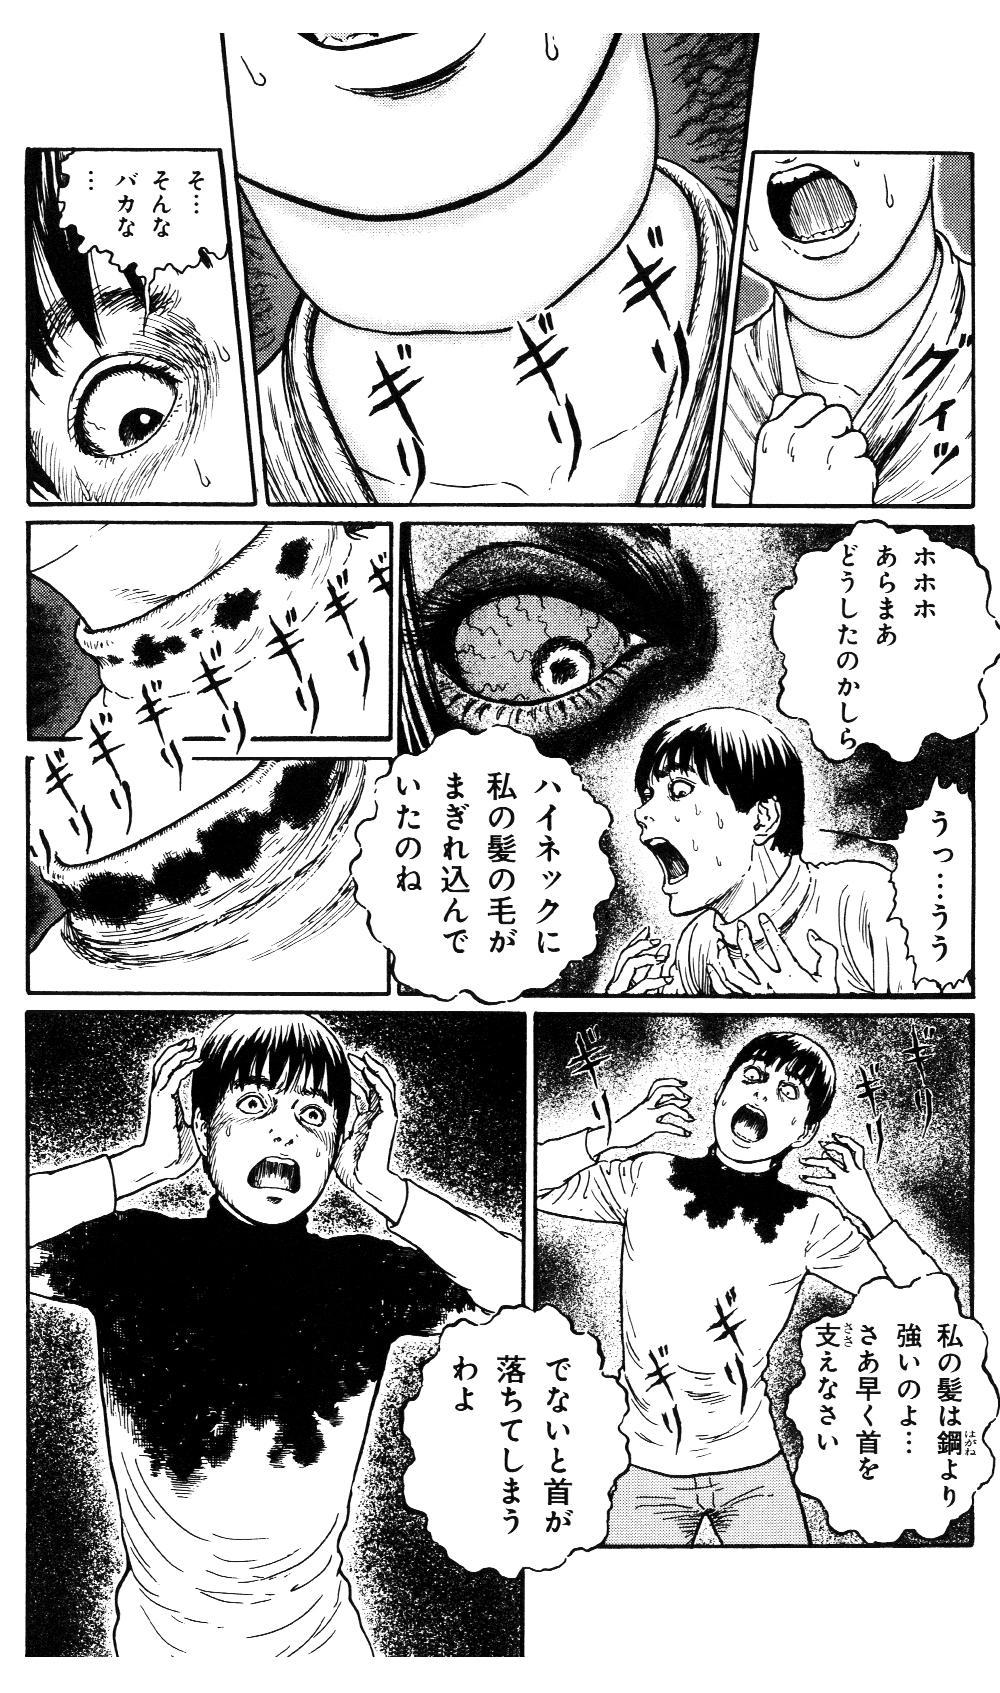 魔の断片 第3話「富夫・赤いハイネック」②jisen06-04.jpg